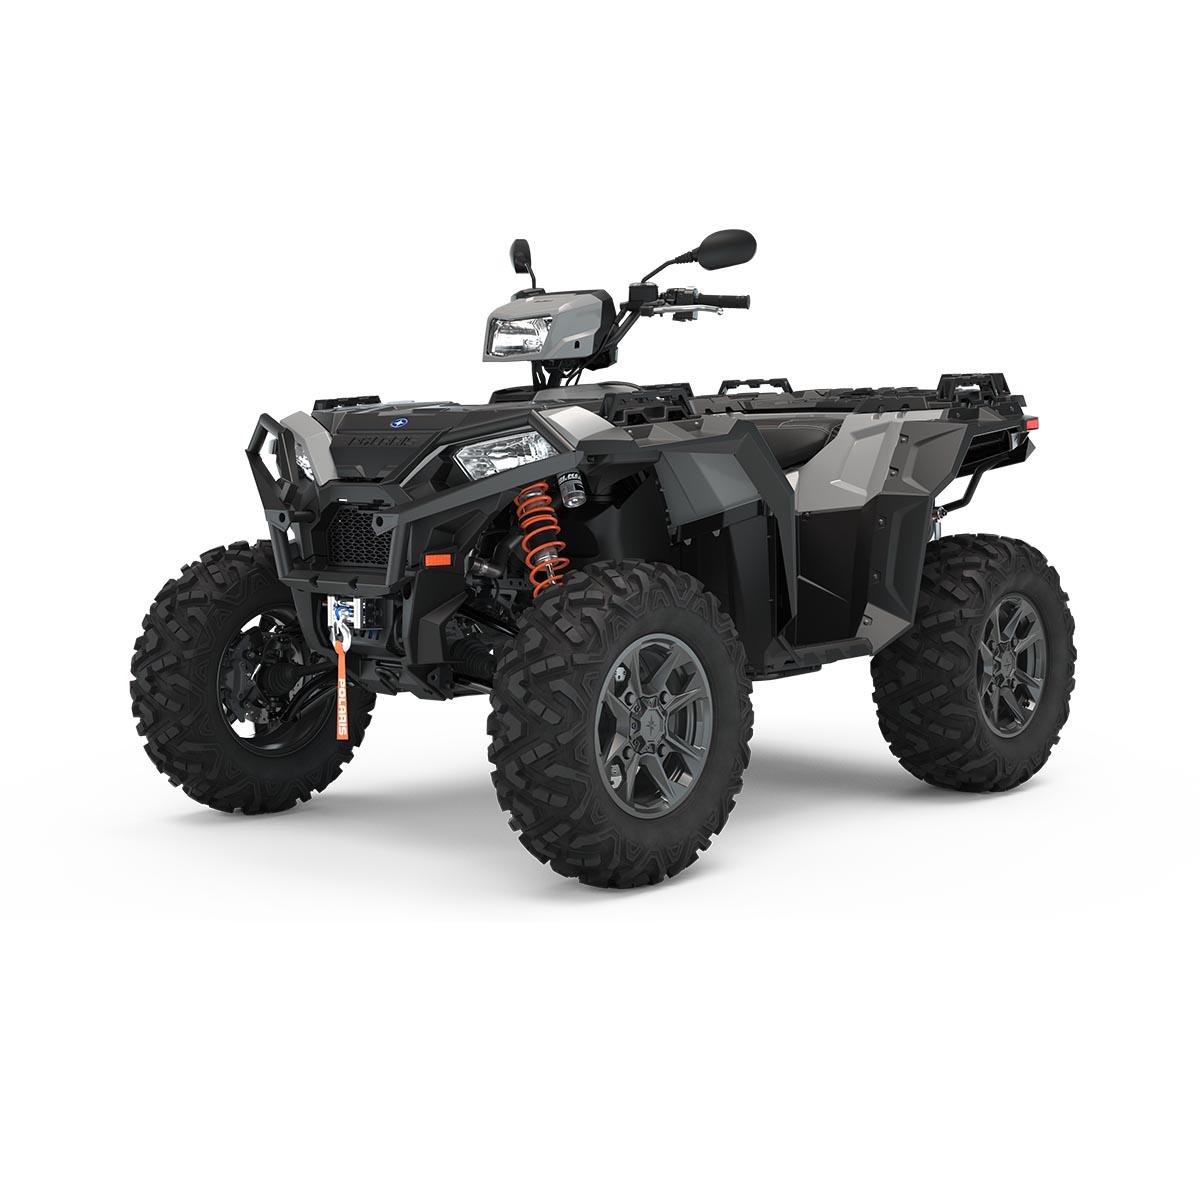 Polaris Sportsman Xp 1000 S Atv Traktör